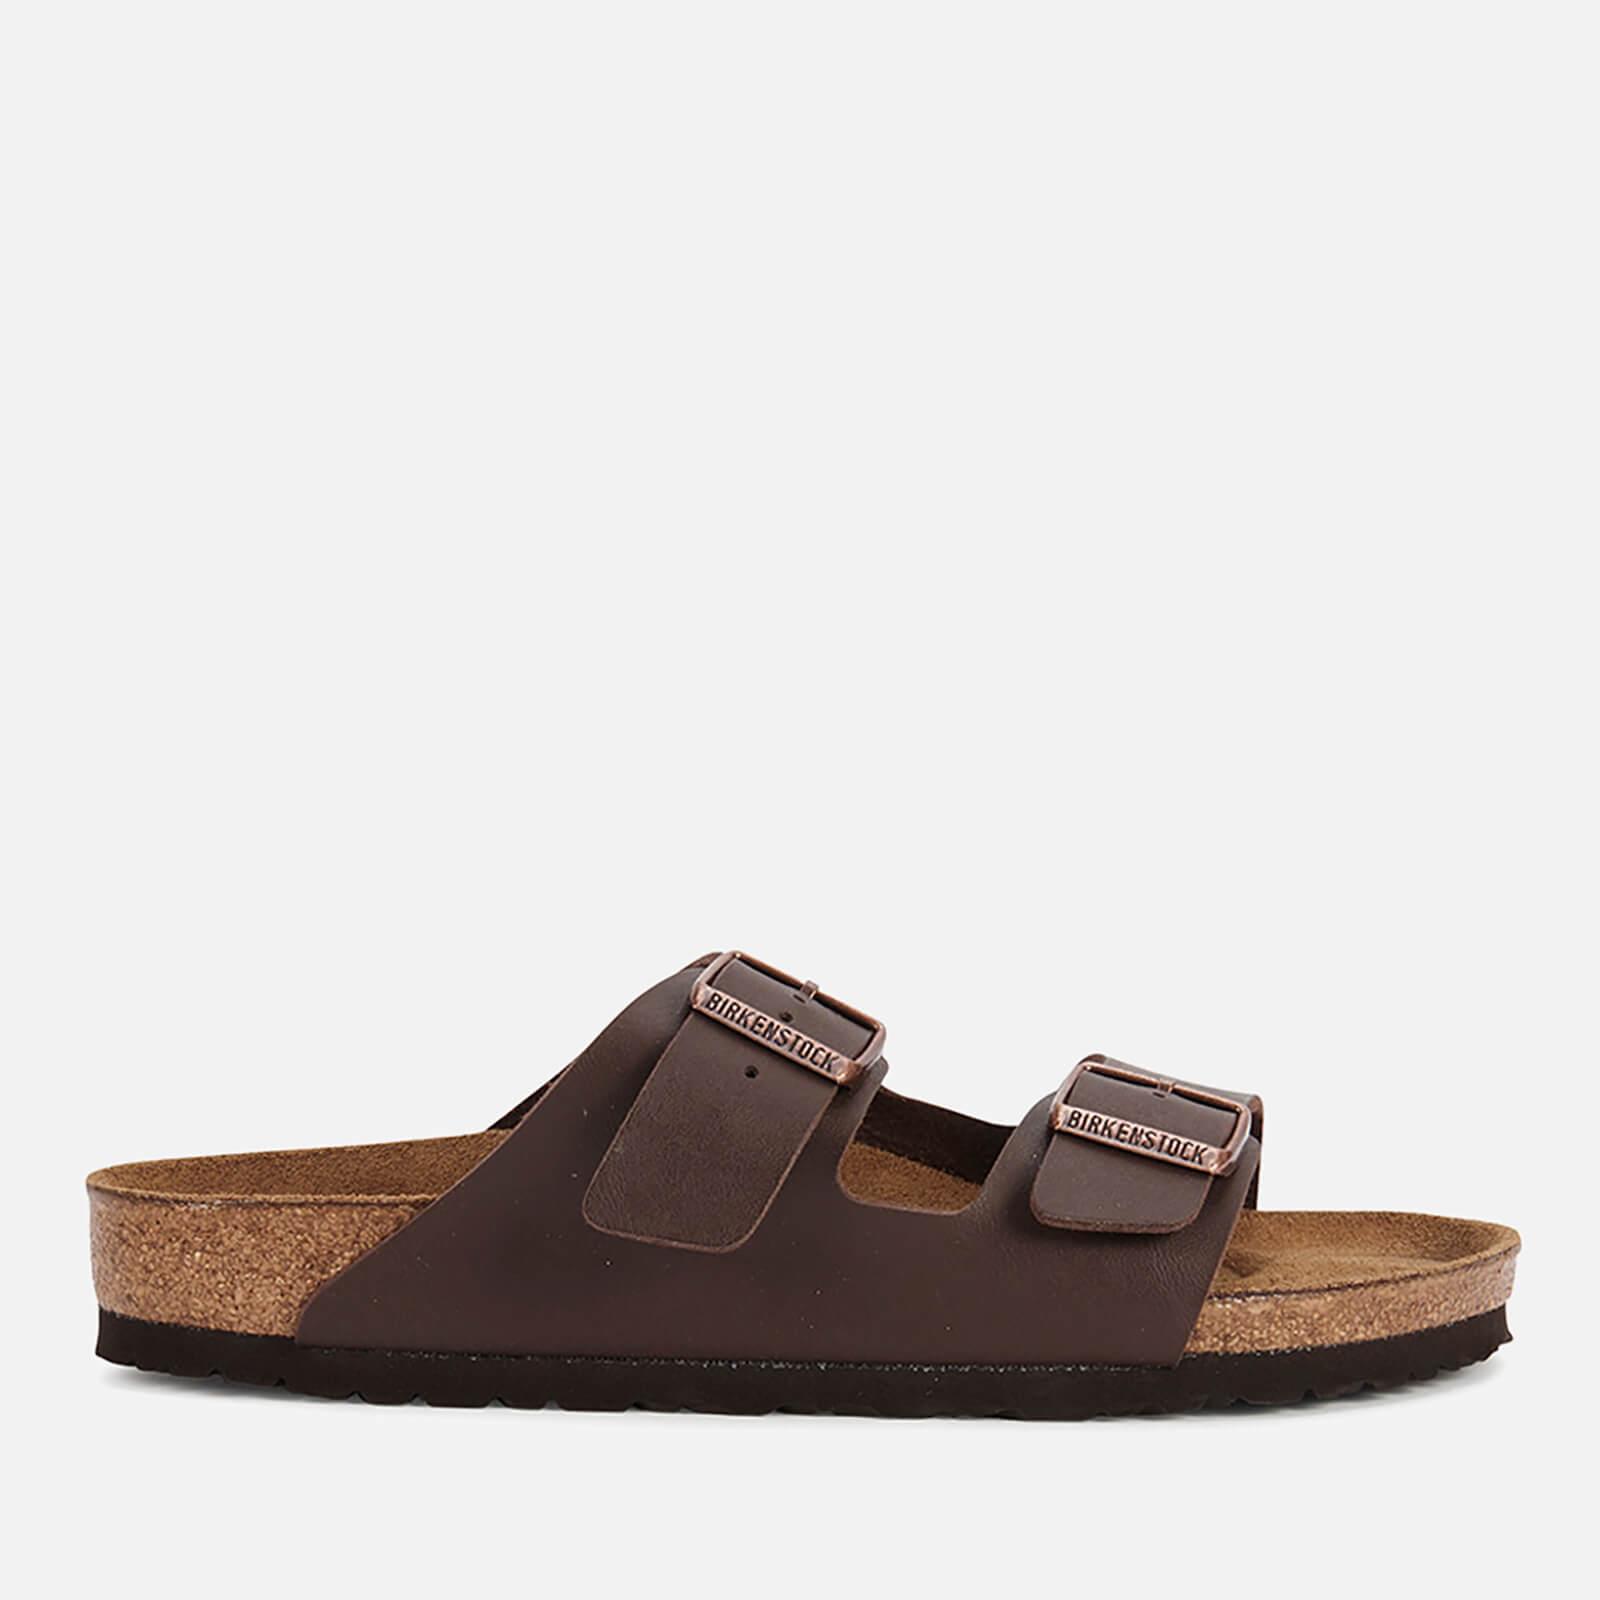 Birkenstock Men's Arizona Double Strap Sandals - Dark Brown - EU 42/UK 8